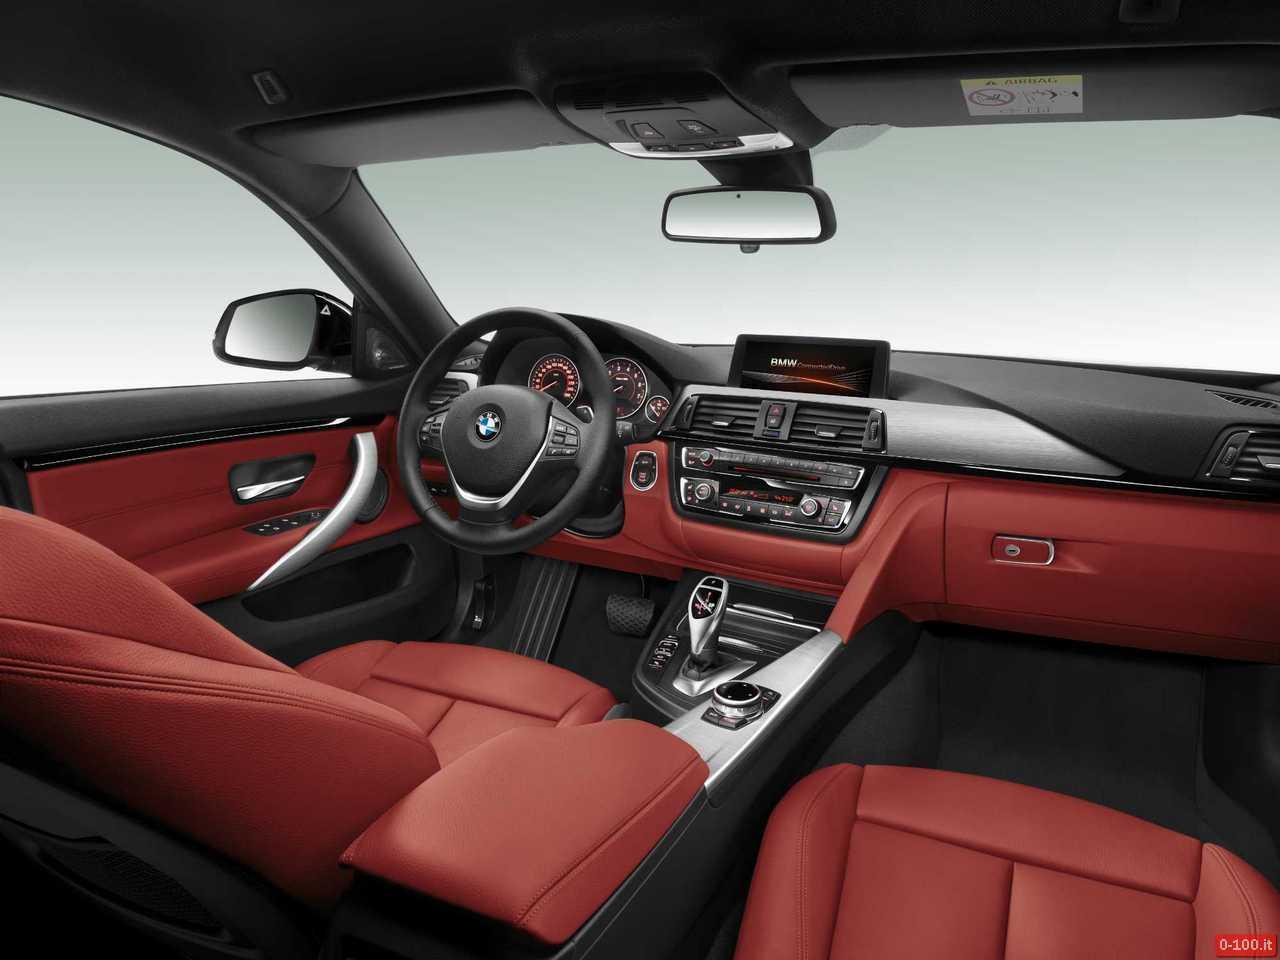 bmw-serie-4-gran-coupe-prezzo-price-ginevra-geneve-2014-0-100_67